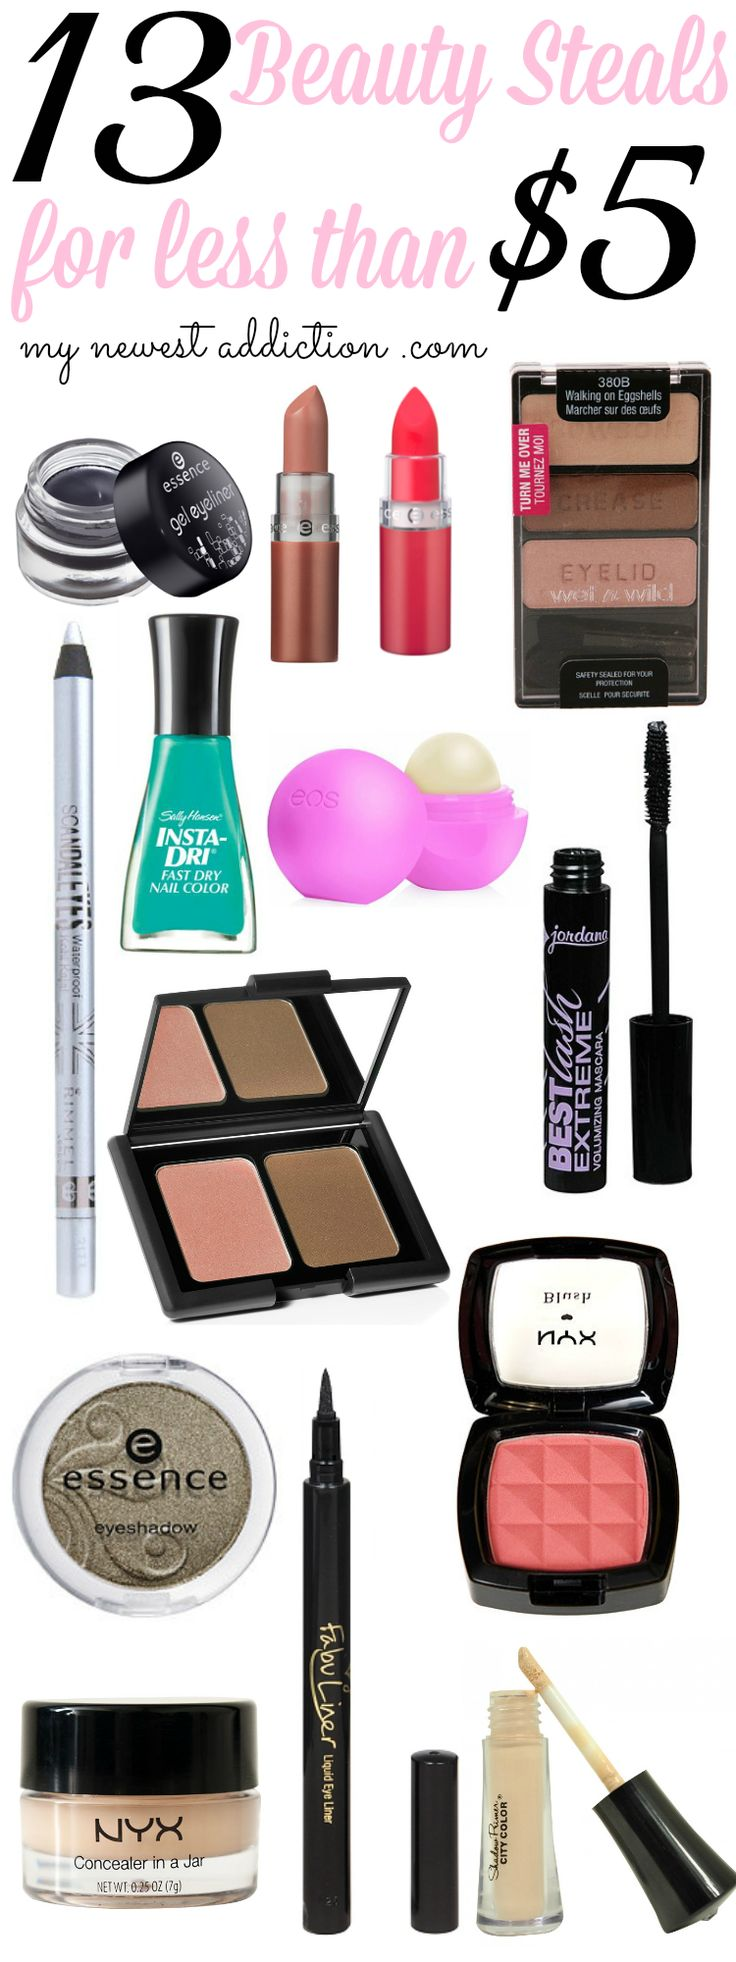 203 best Drugstore superstars images on Pinterest